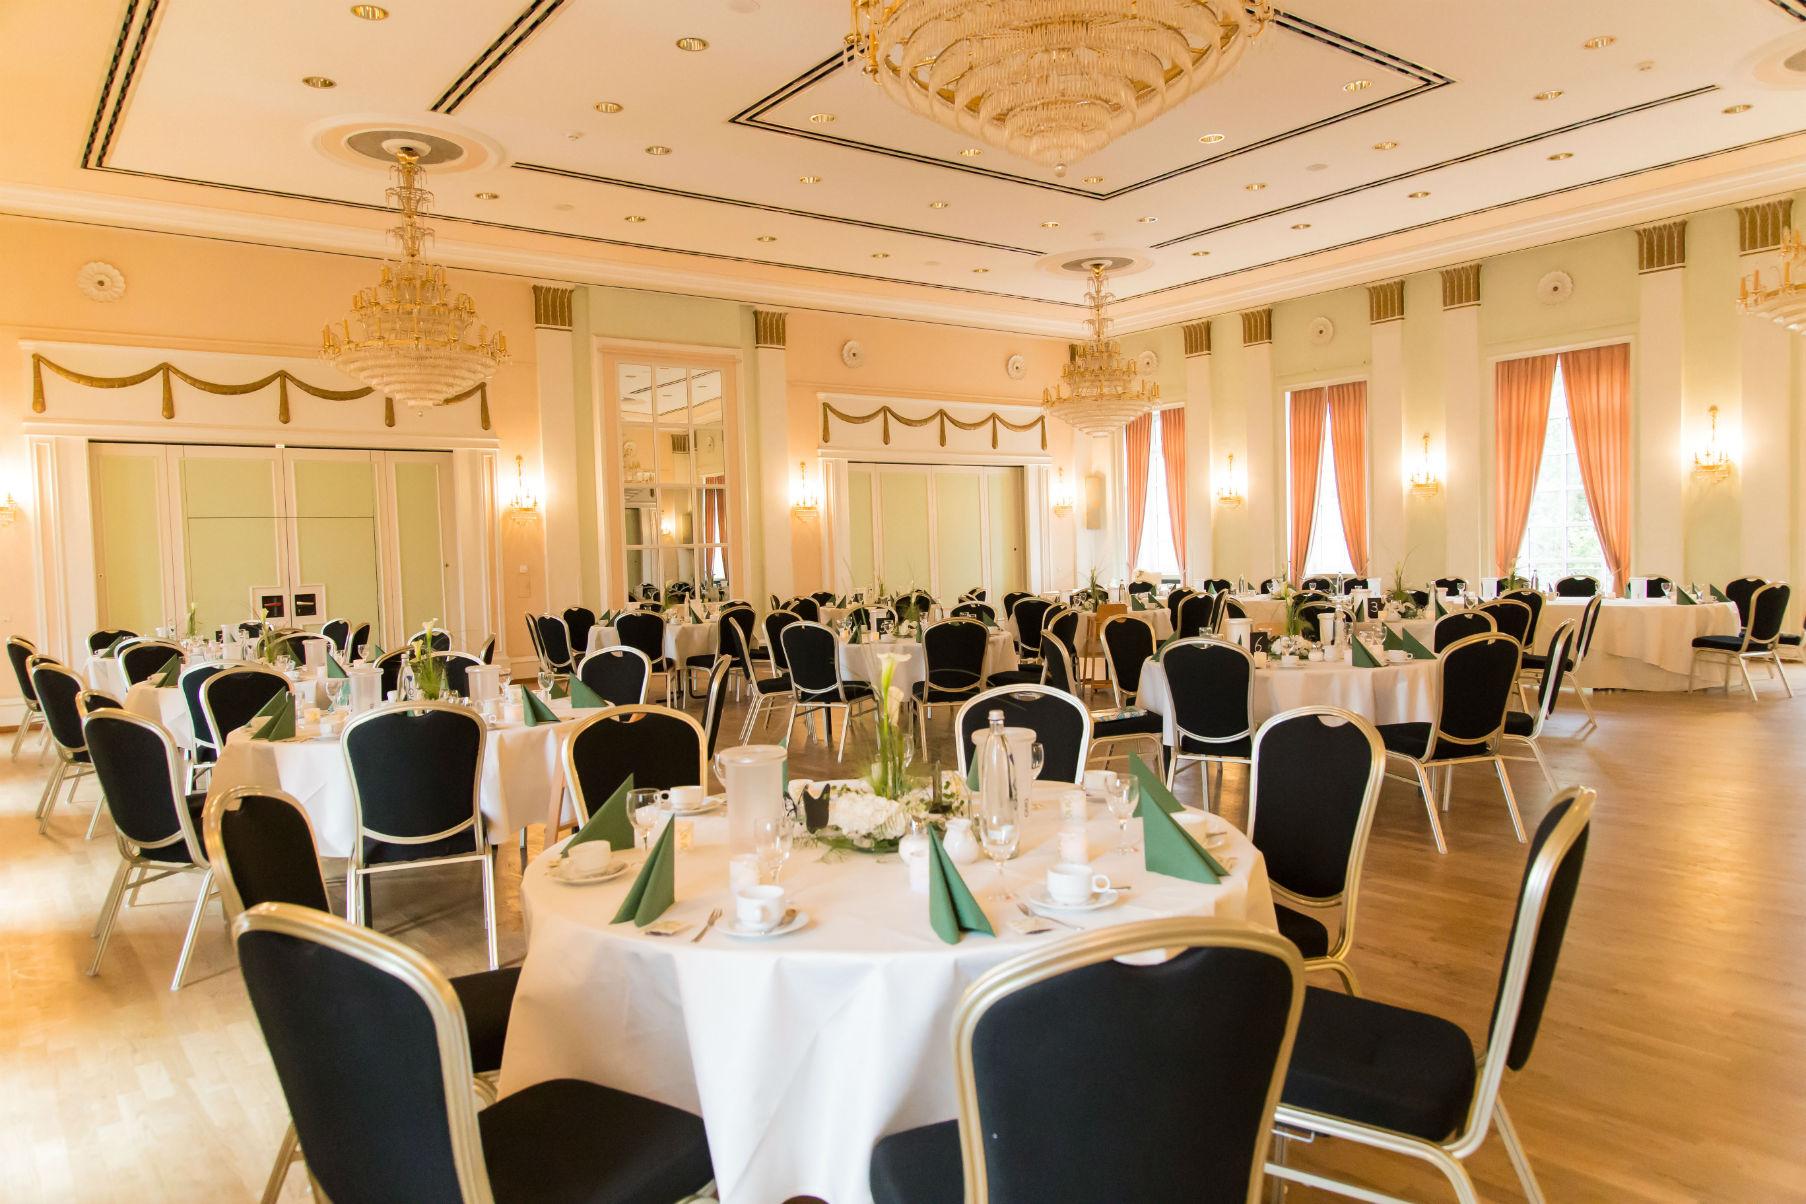 Hochzeitsfeier im Großen Kursaal Bad Dürkheim